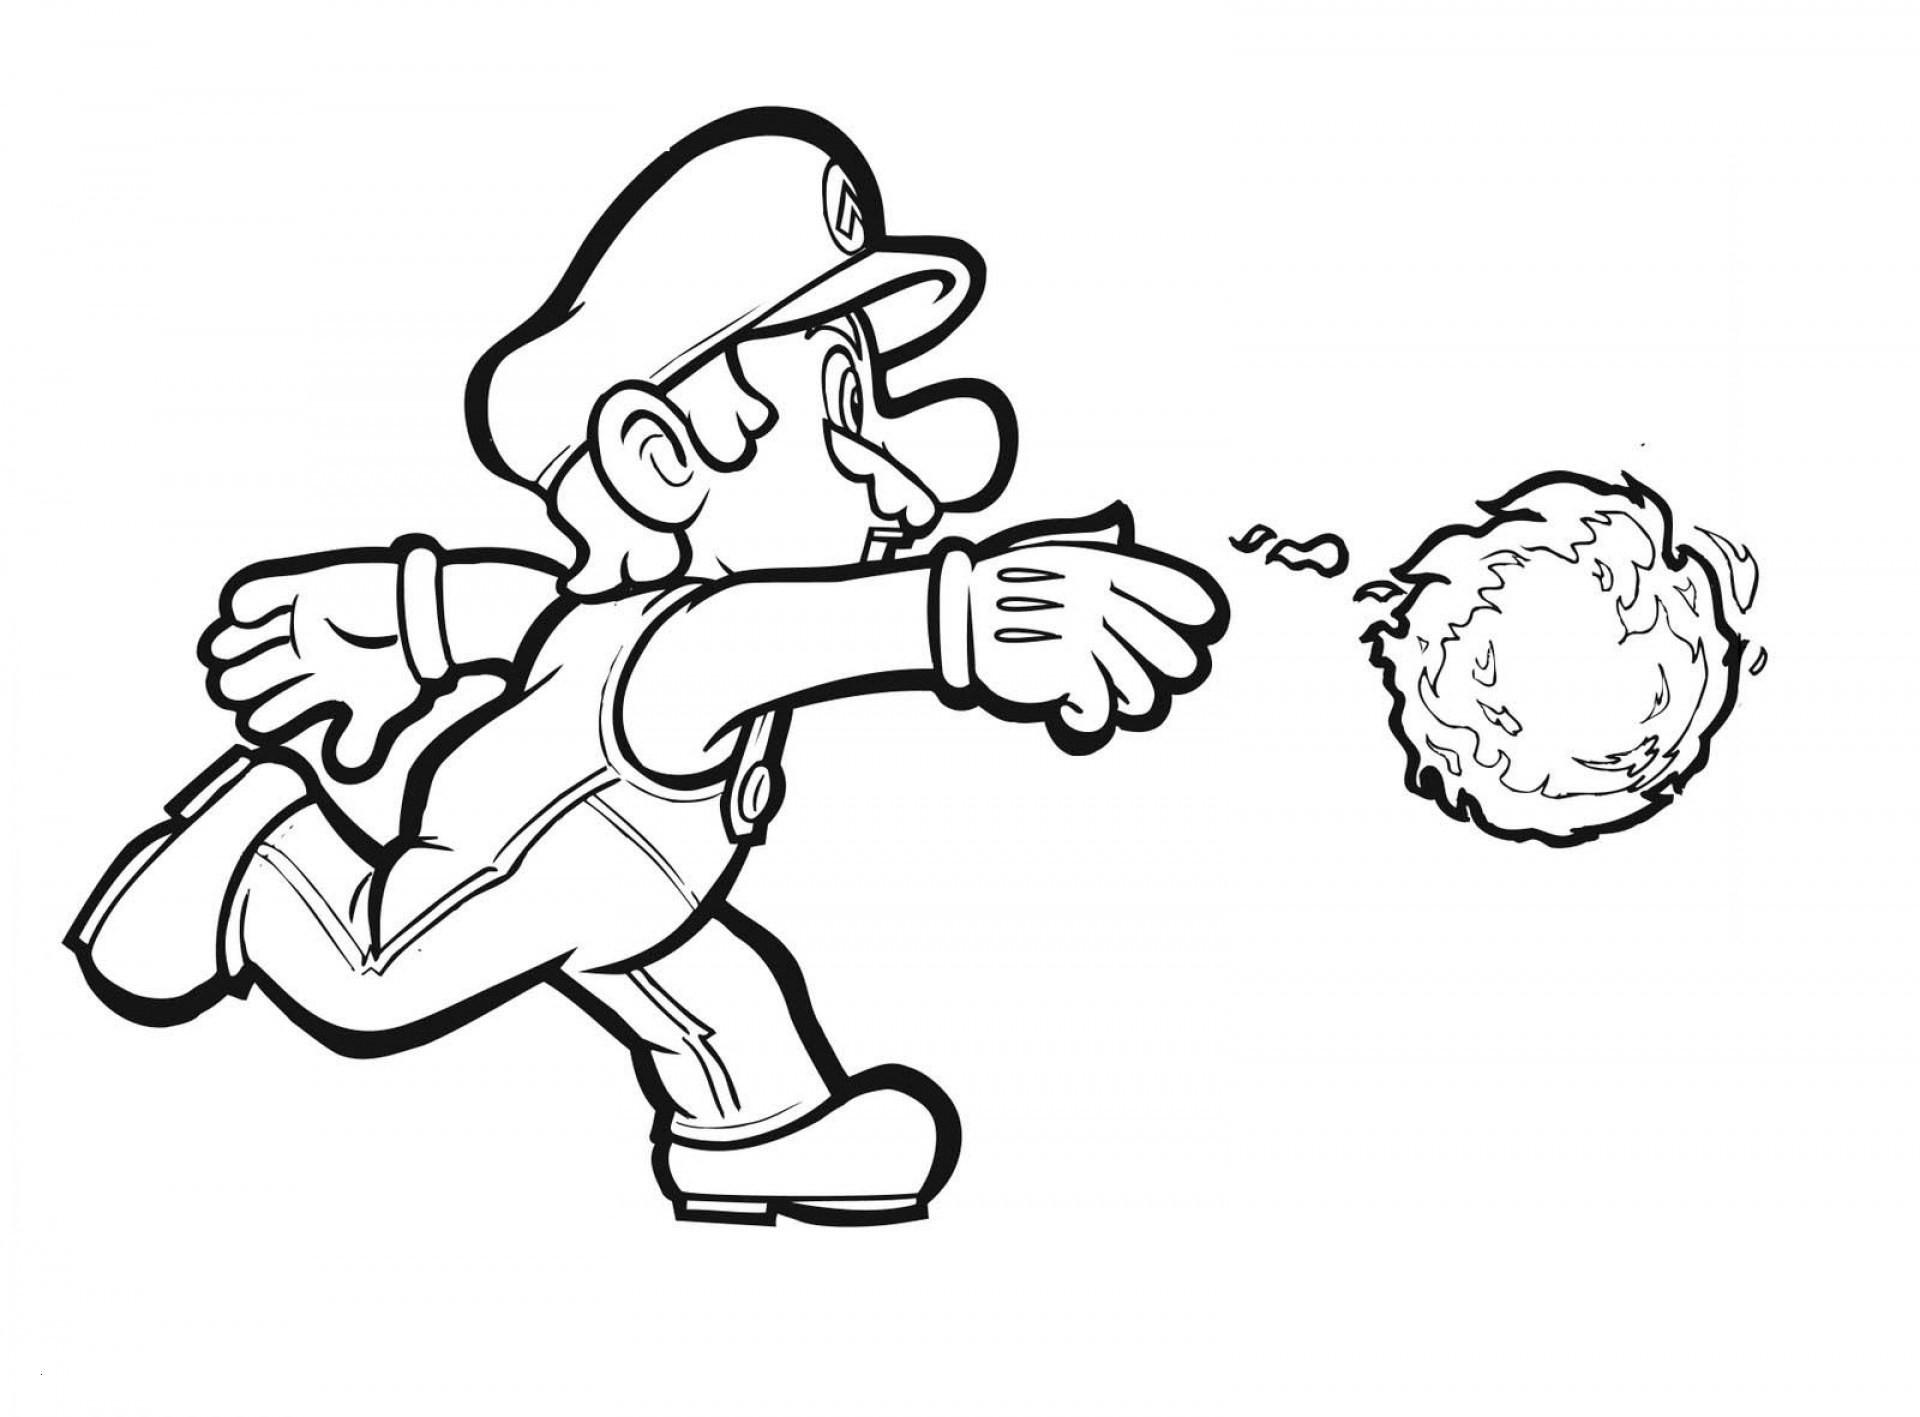 Super Mario Ausmalbilder Genial Super Mario Malvorlagen Genial Baby Mario Ausmalbilder Genial Fotografieren